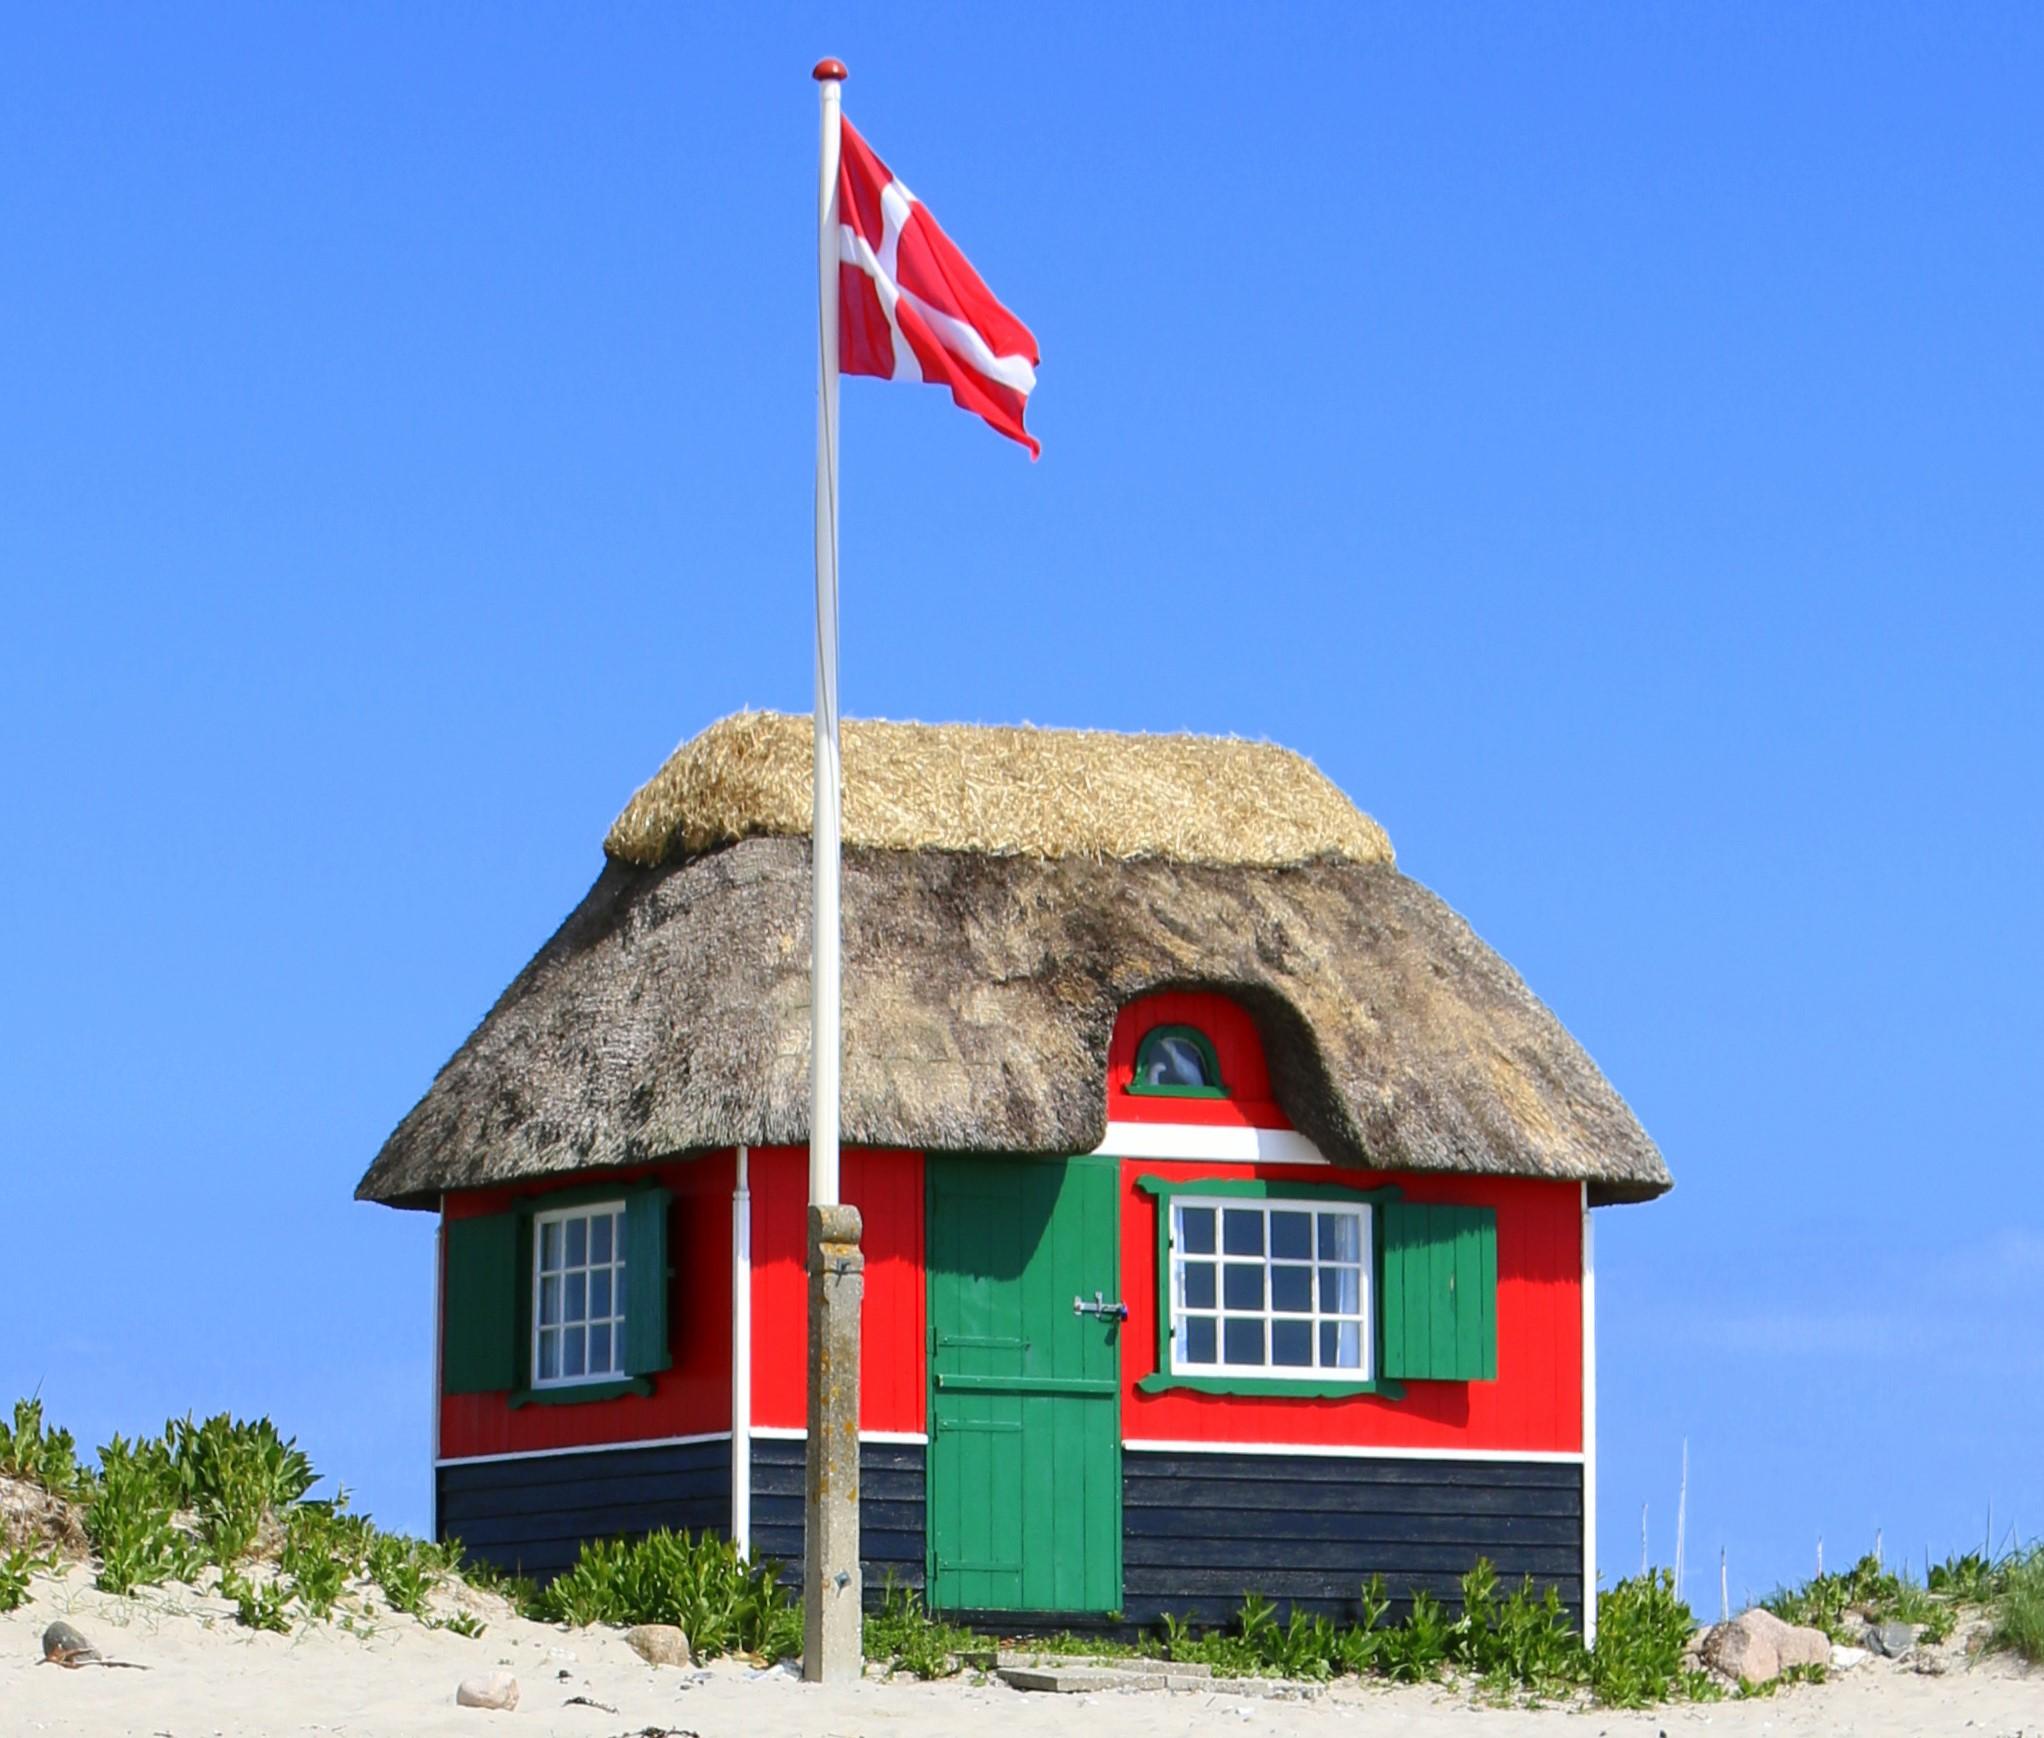 艾尔岛小屋